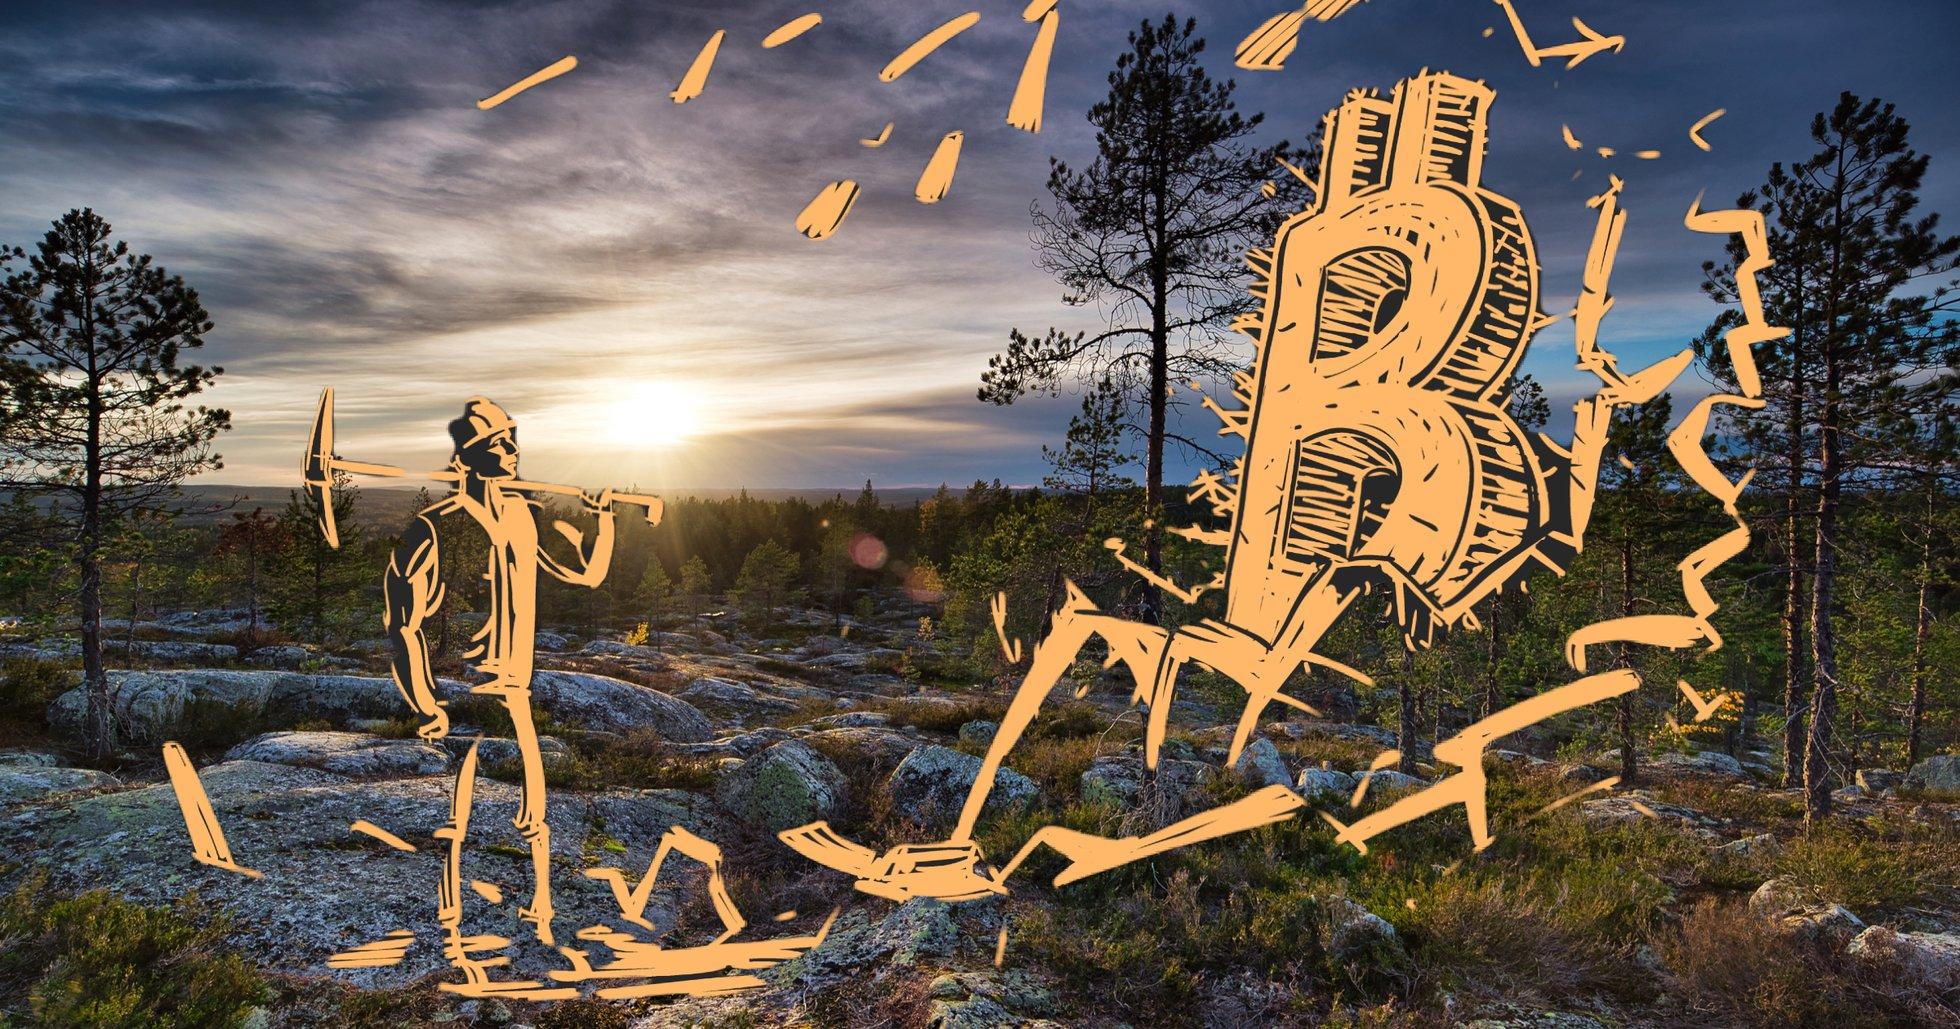 Umeåföretag dolde kryptoverksamhet – tvingas betala 47 miljoner i skattesmäll.